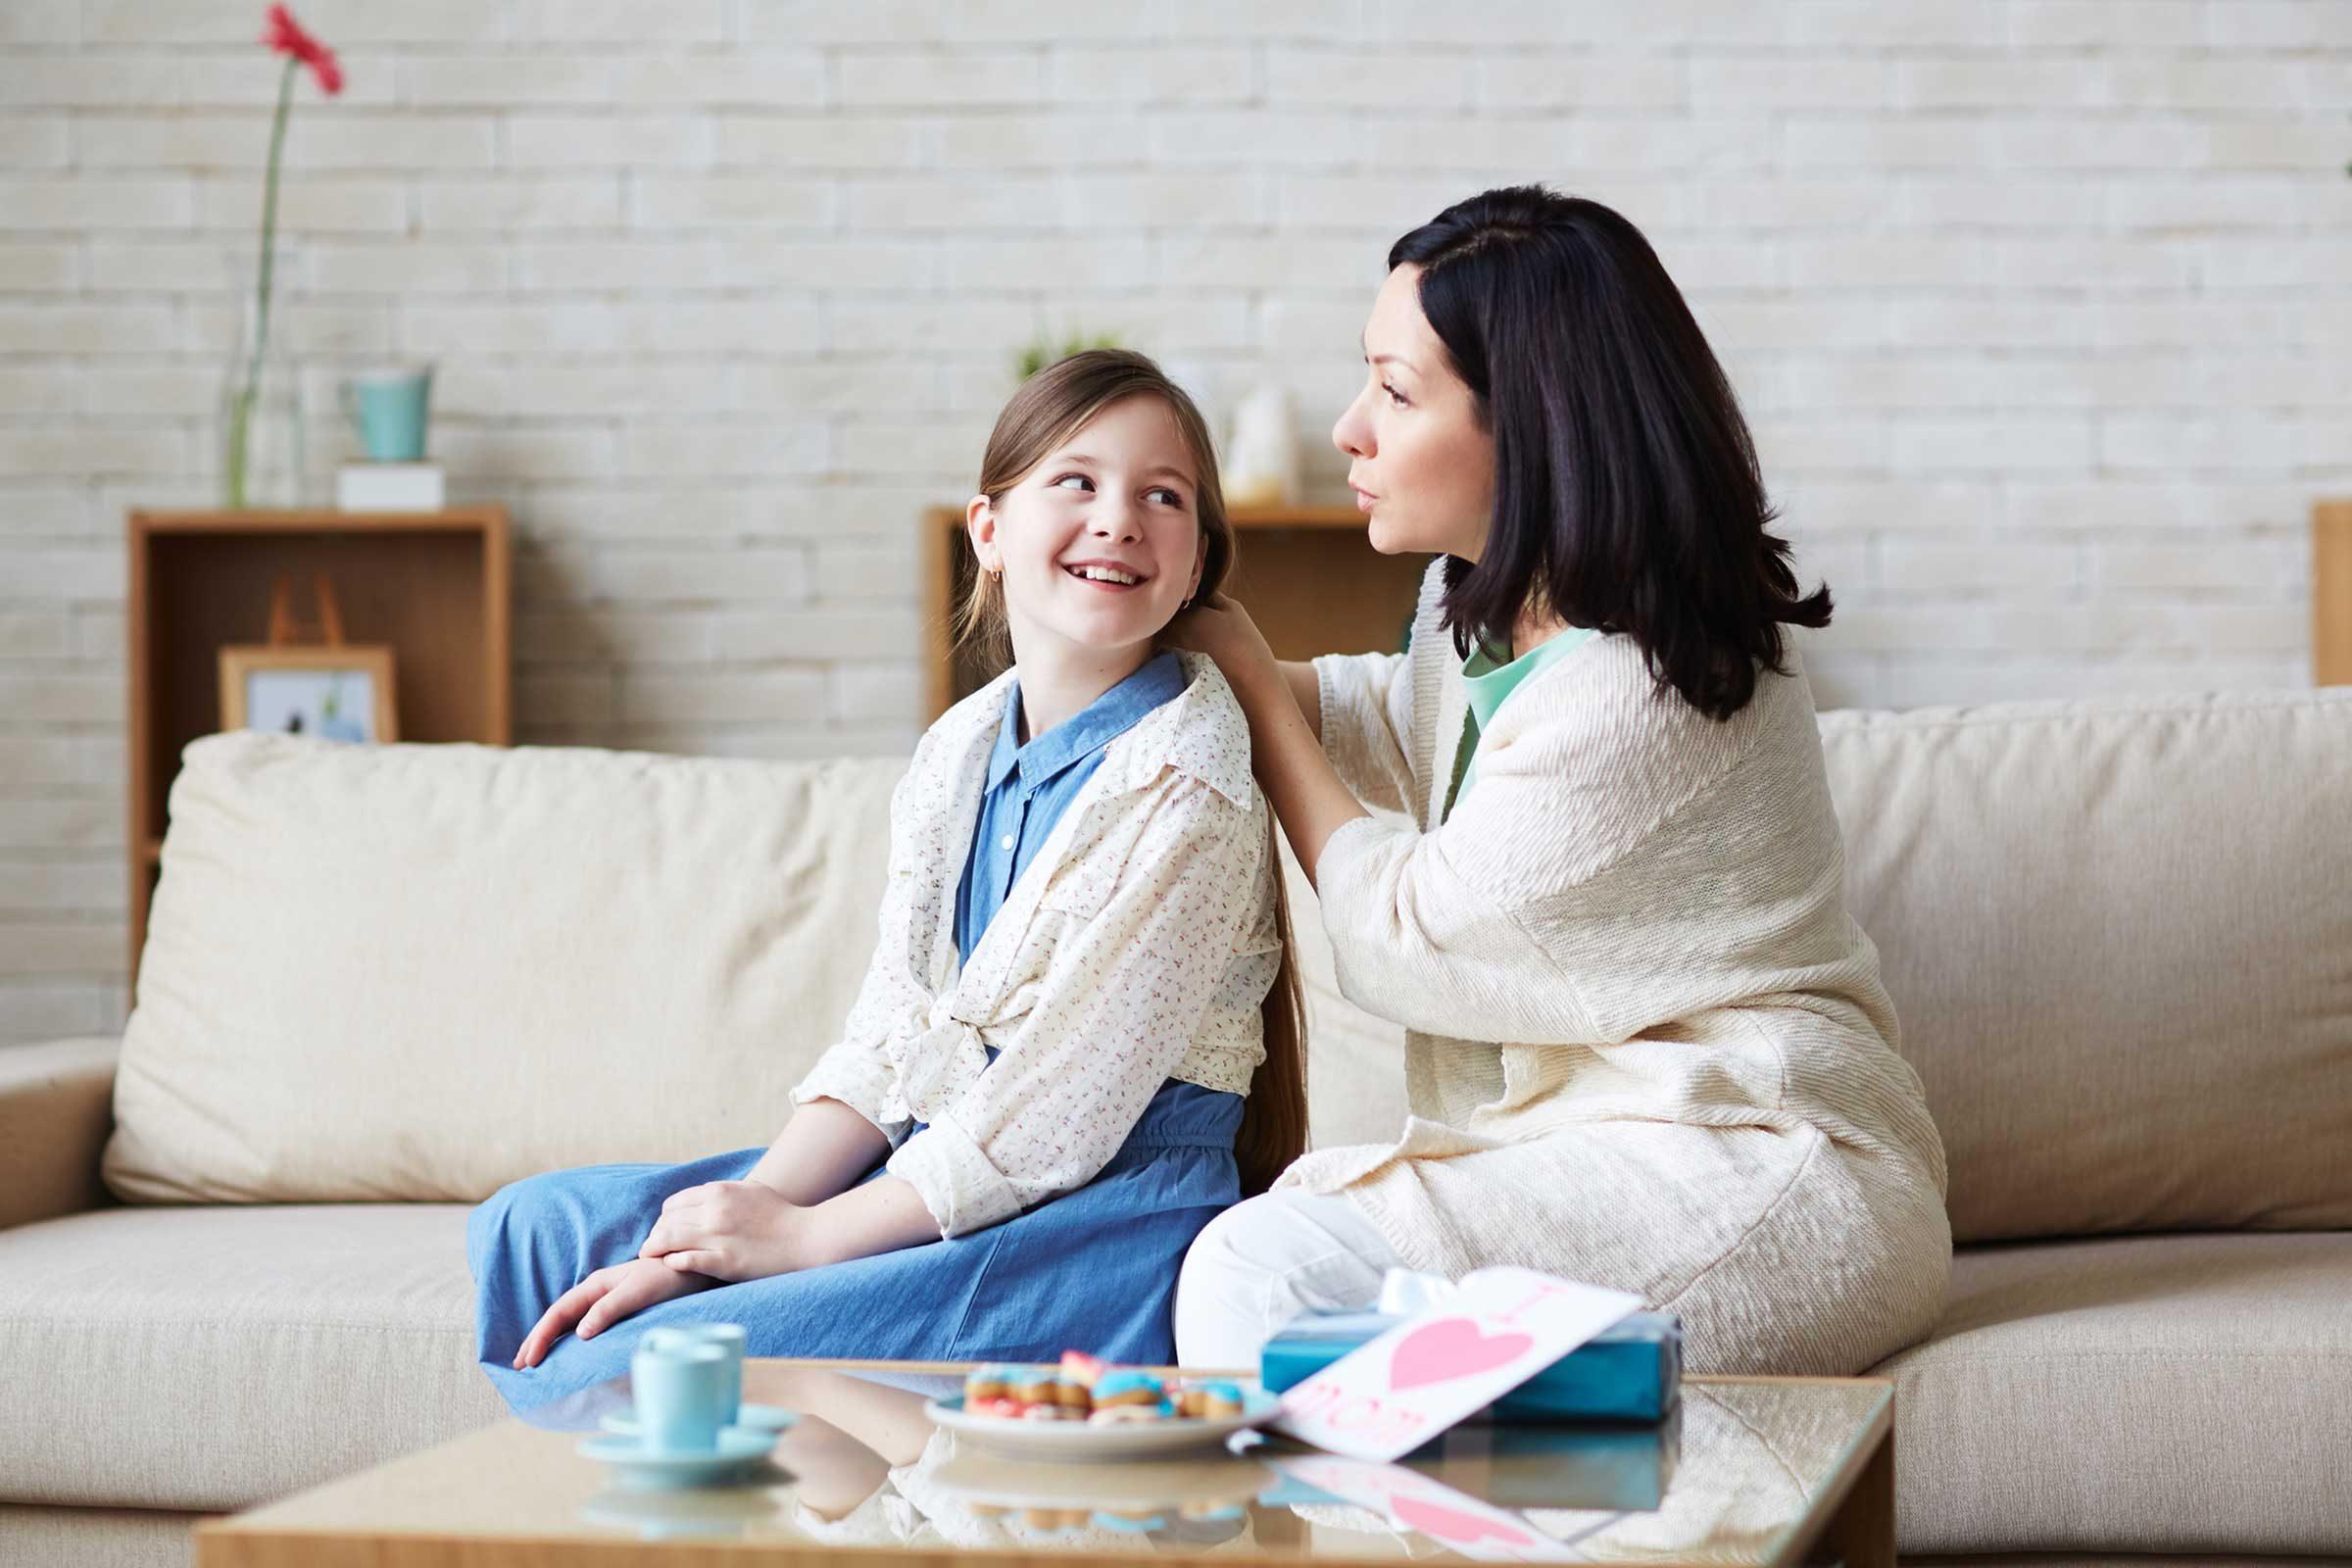 Passer du temps à discuter avec vos enfants des émotions des autres est une excellente manière de jeter de bonnes bases à son sens de l'empathie.